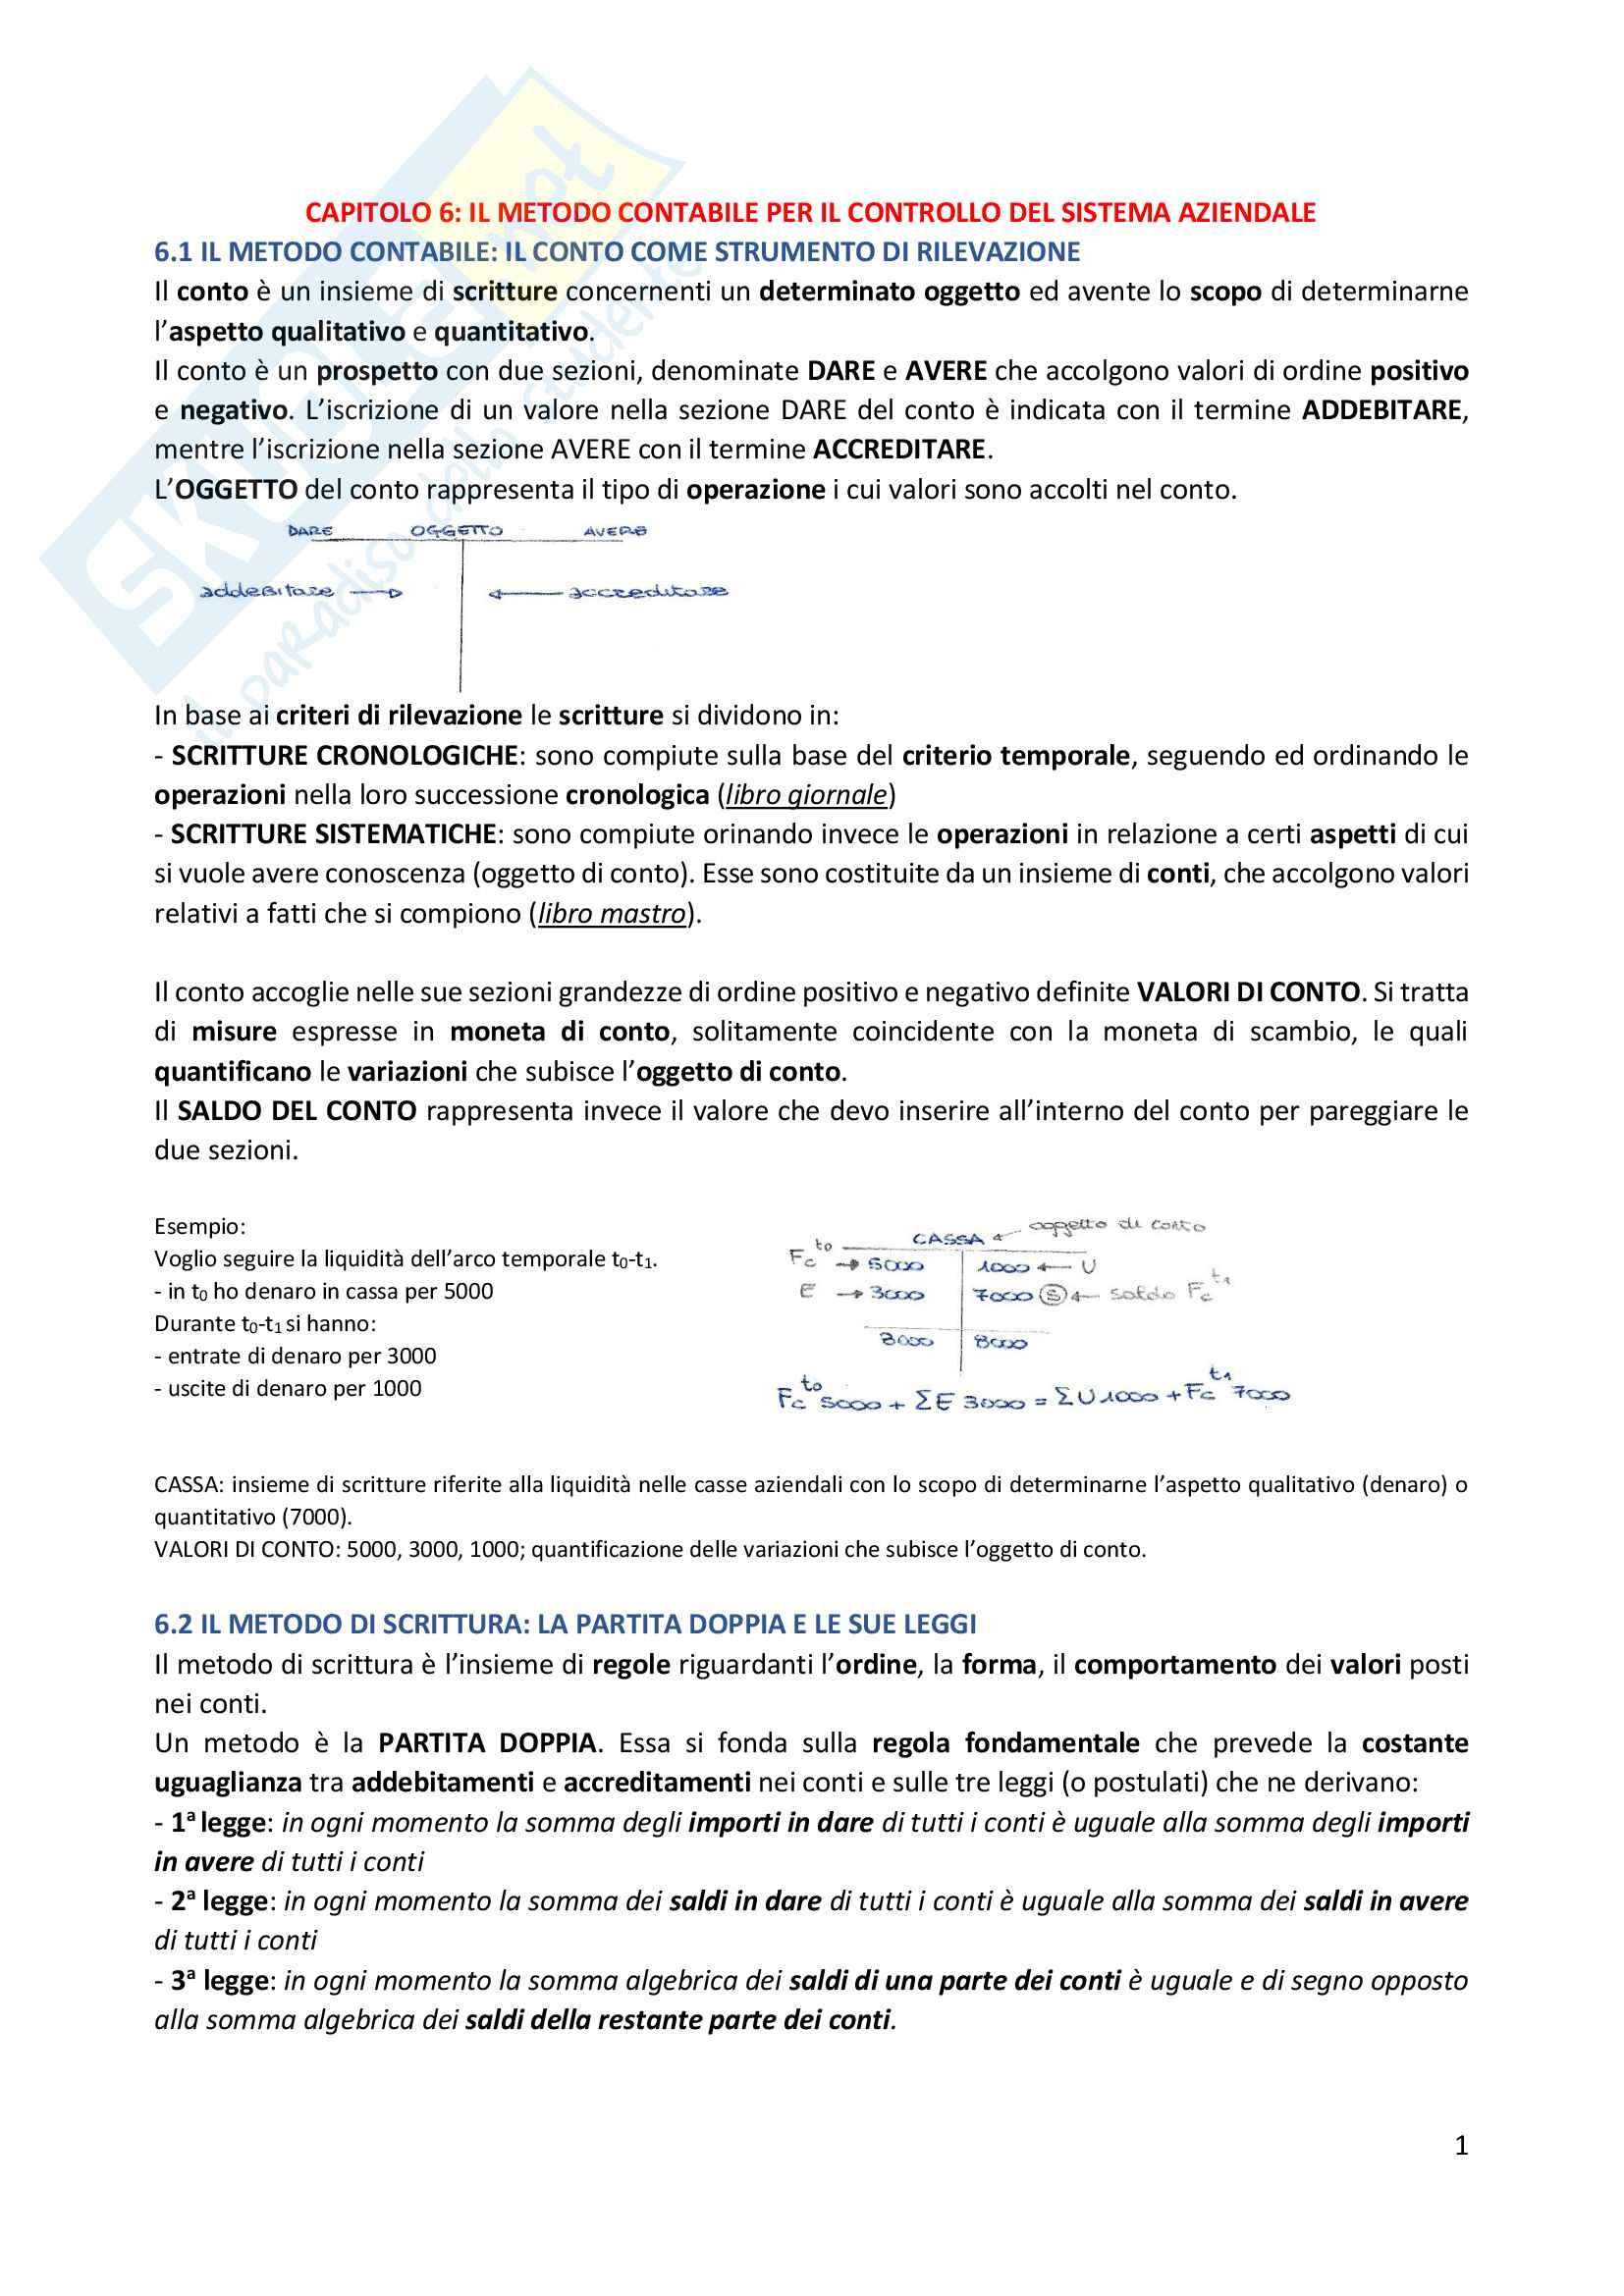 Riassunto esame Economia aziendale (2° parziale), prof. Stefania Servalli, libro consigliato Fondamenti di economia aziendale, Servalli + esercizi svolti e simulazione d'esame